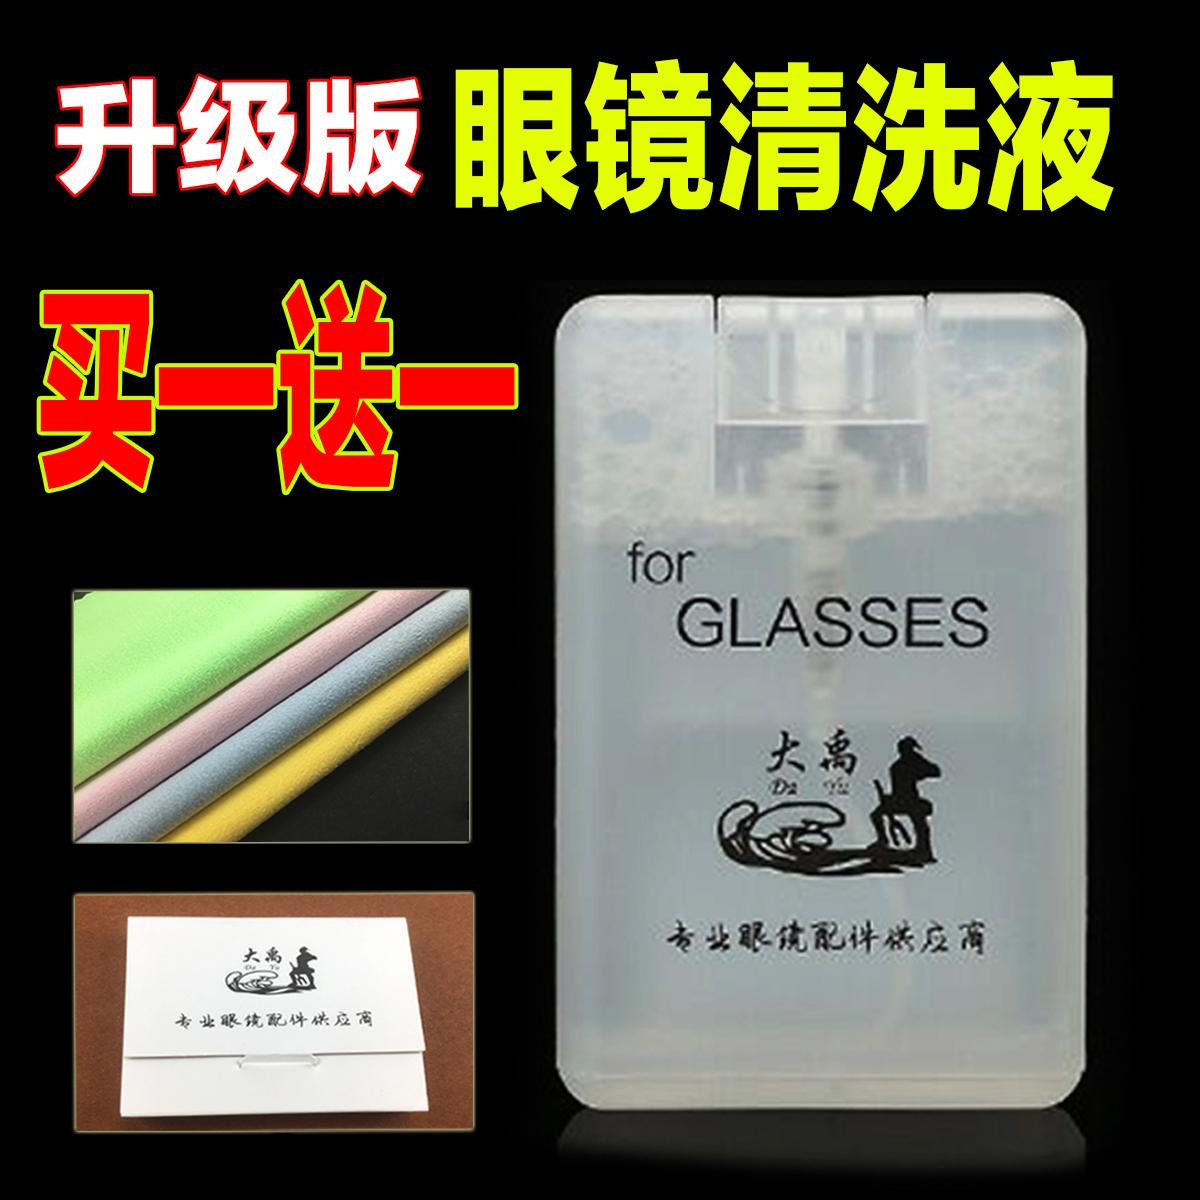 Kính mắt làm sạch mắt lỏng phụ kiện khung điện thoại di động màn hình máy tính chăm sóc phun lỏng cleaner rửa kính nước lỏng